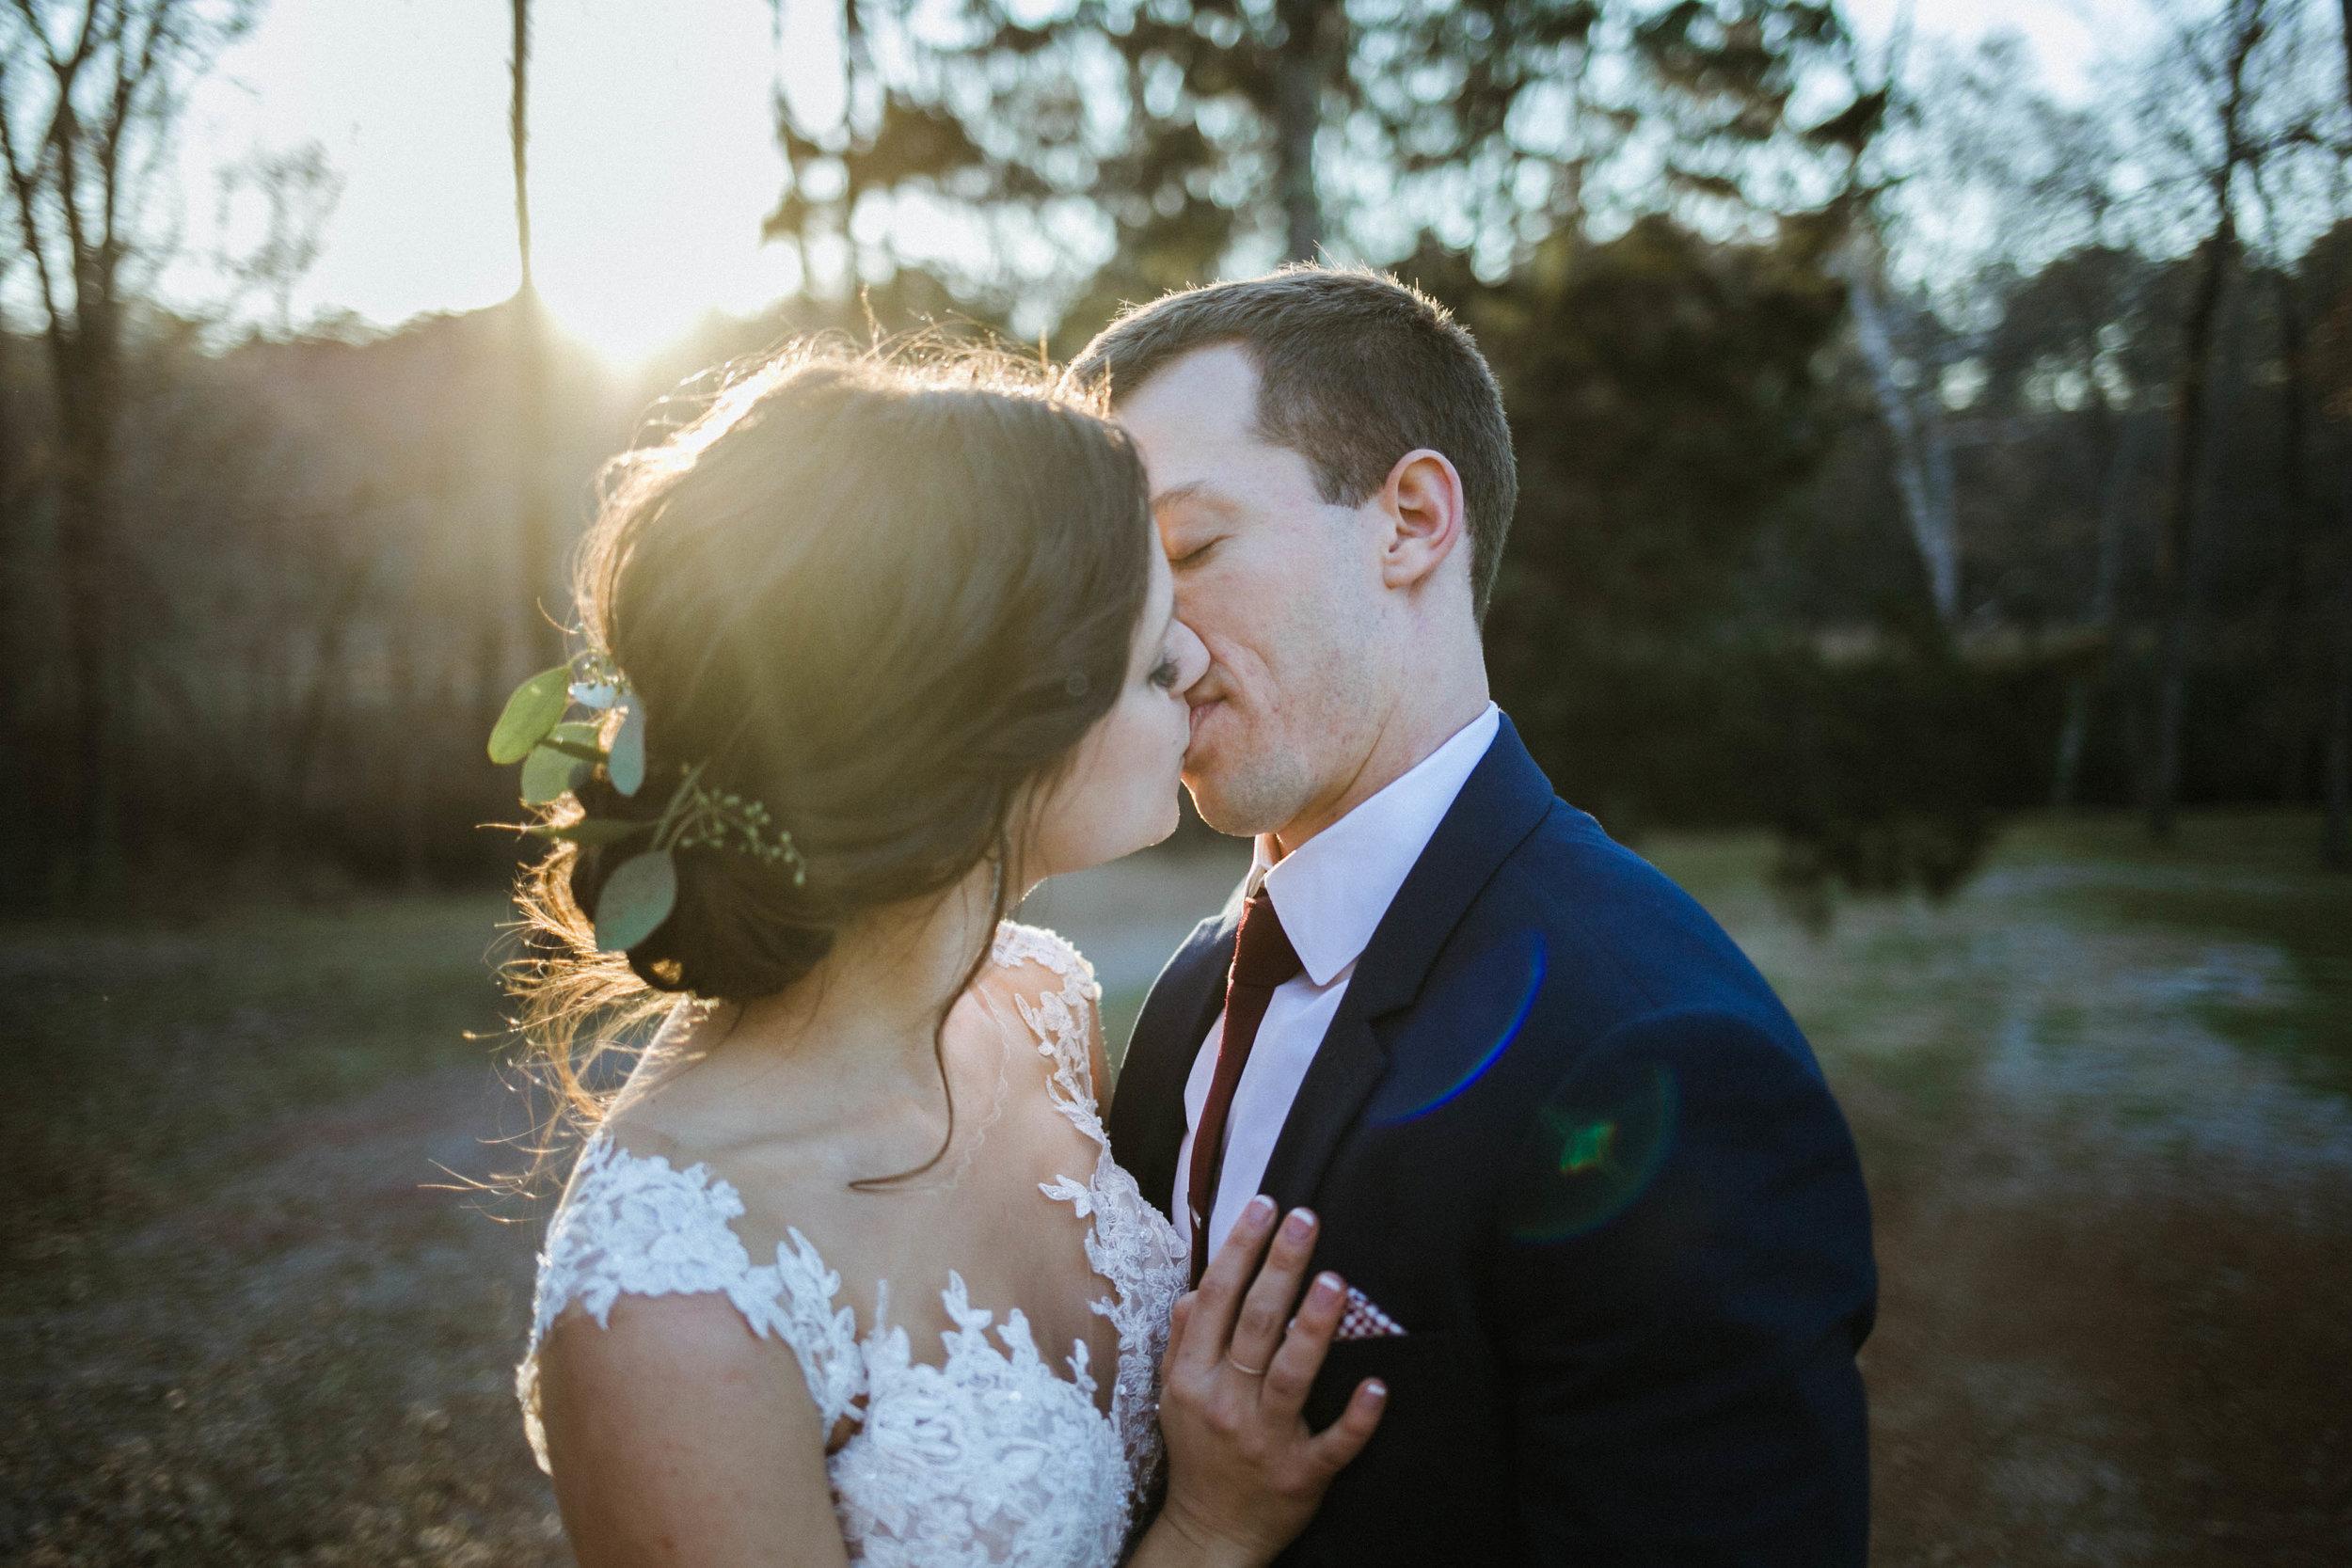 Daniel + Danielle - Creekside meadows winter wedding